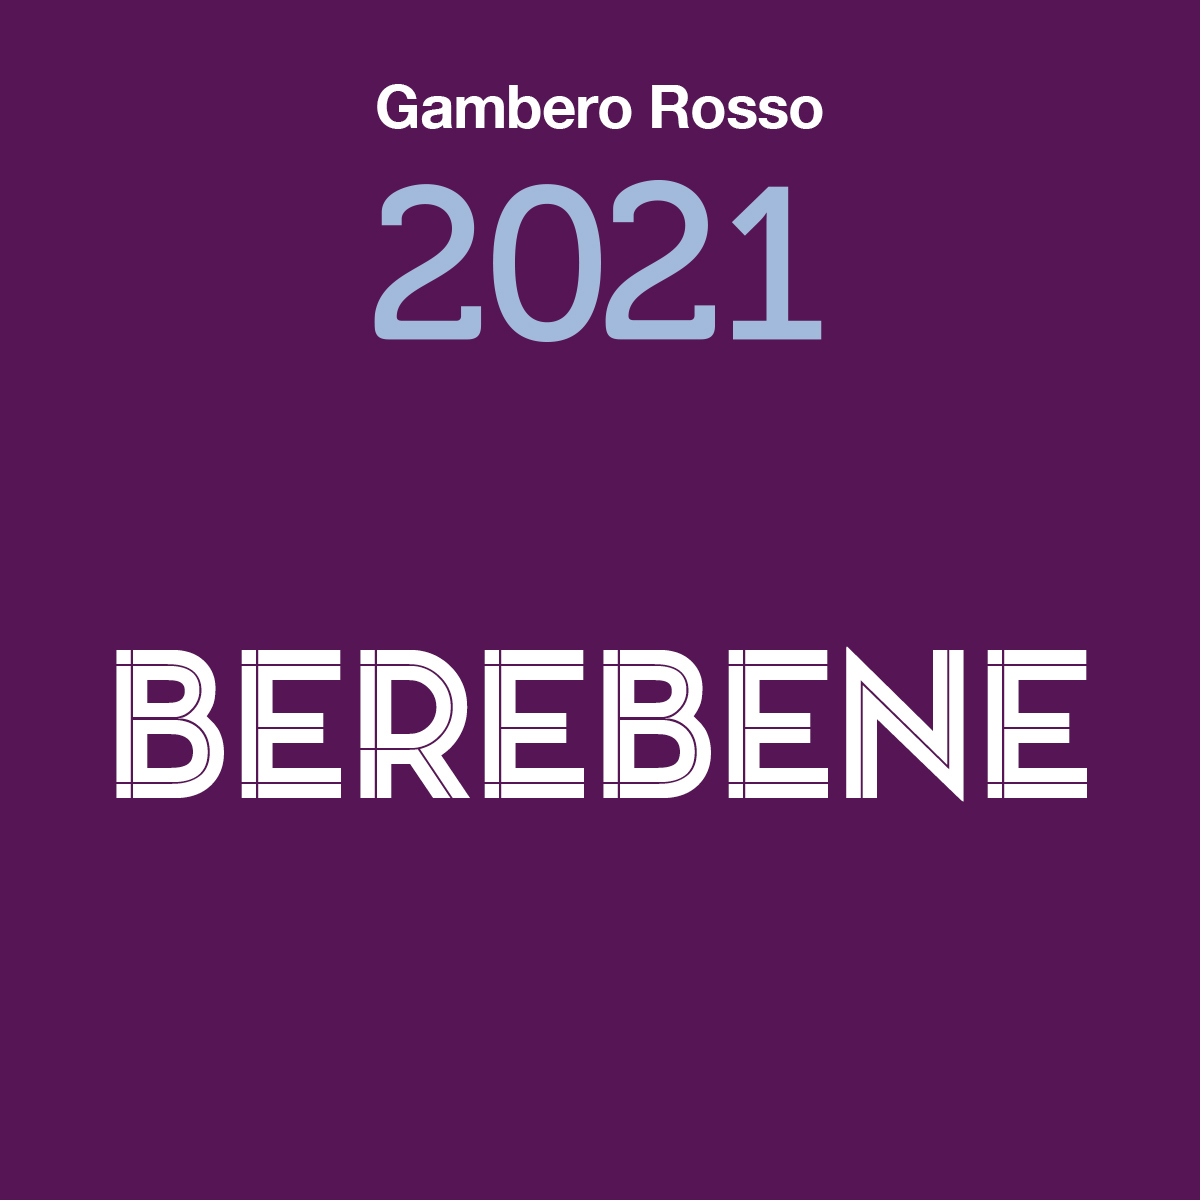 Aglianico 2017 Premio BereBene 2021